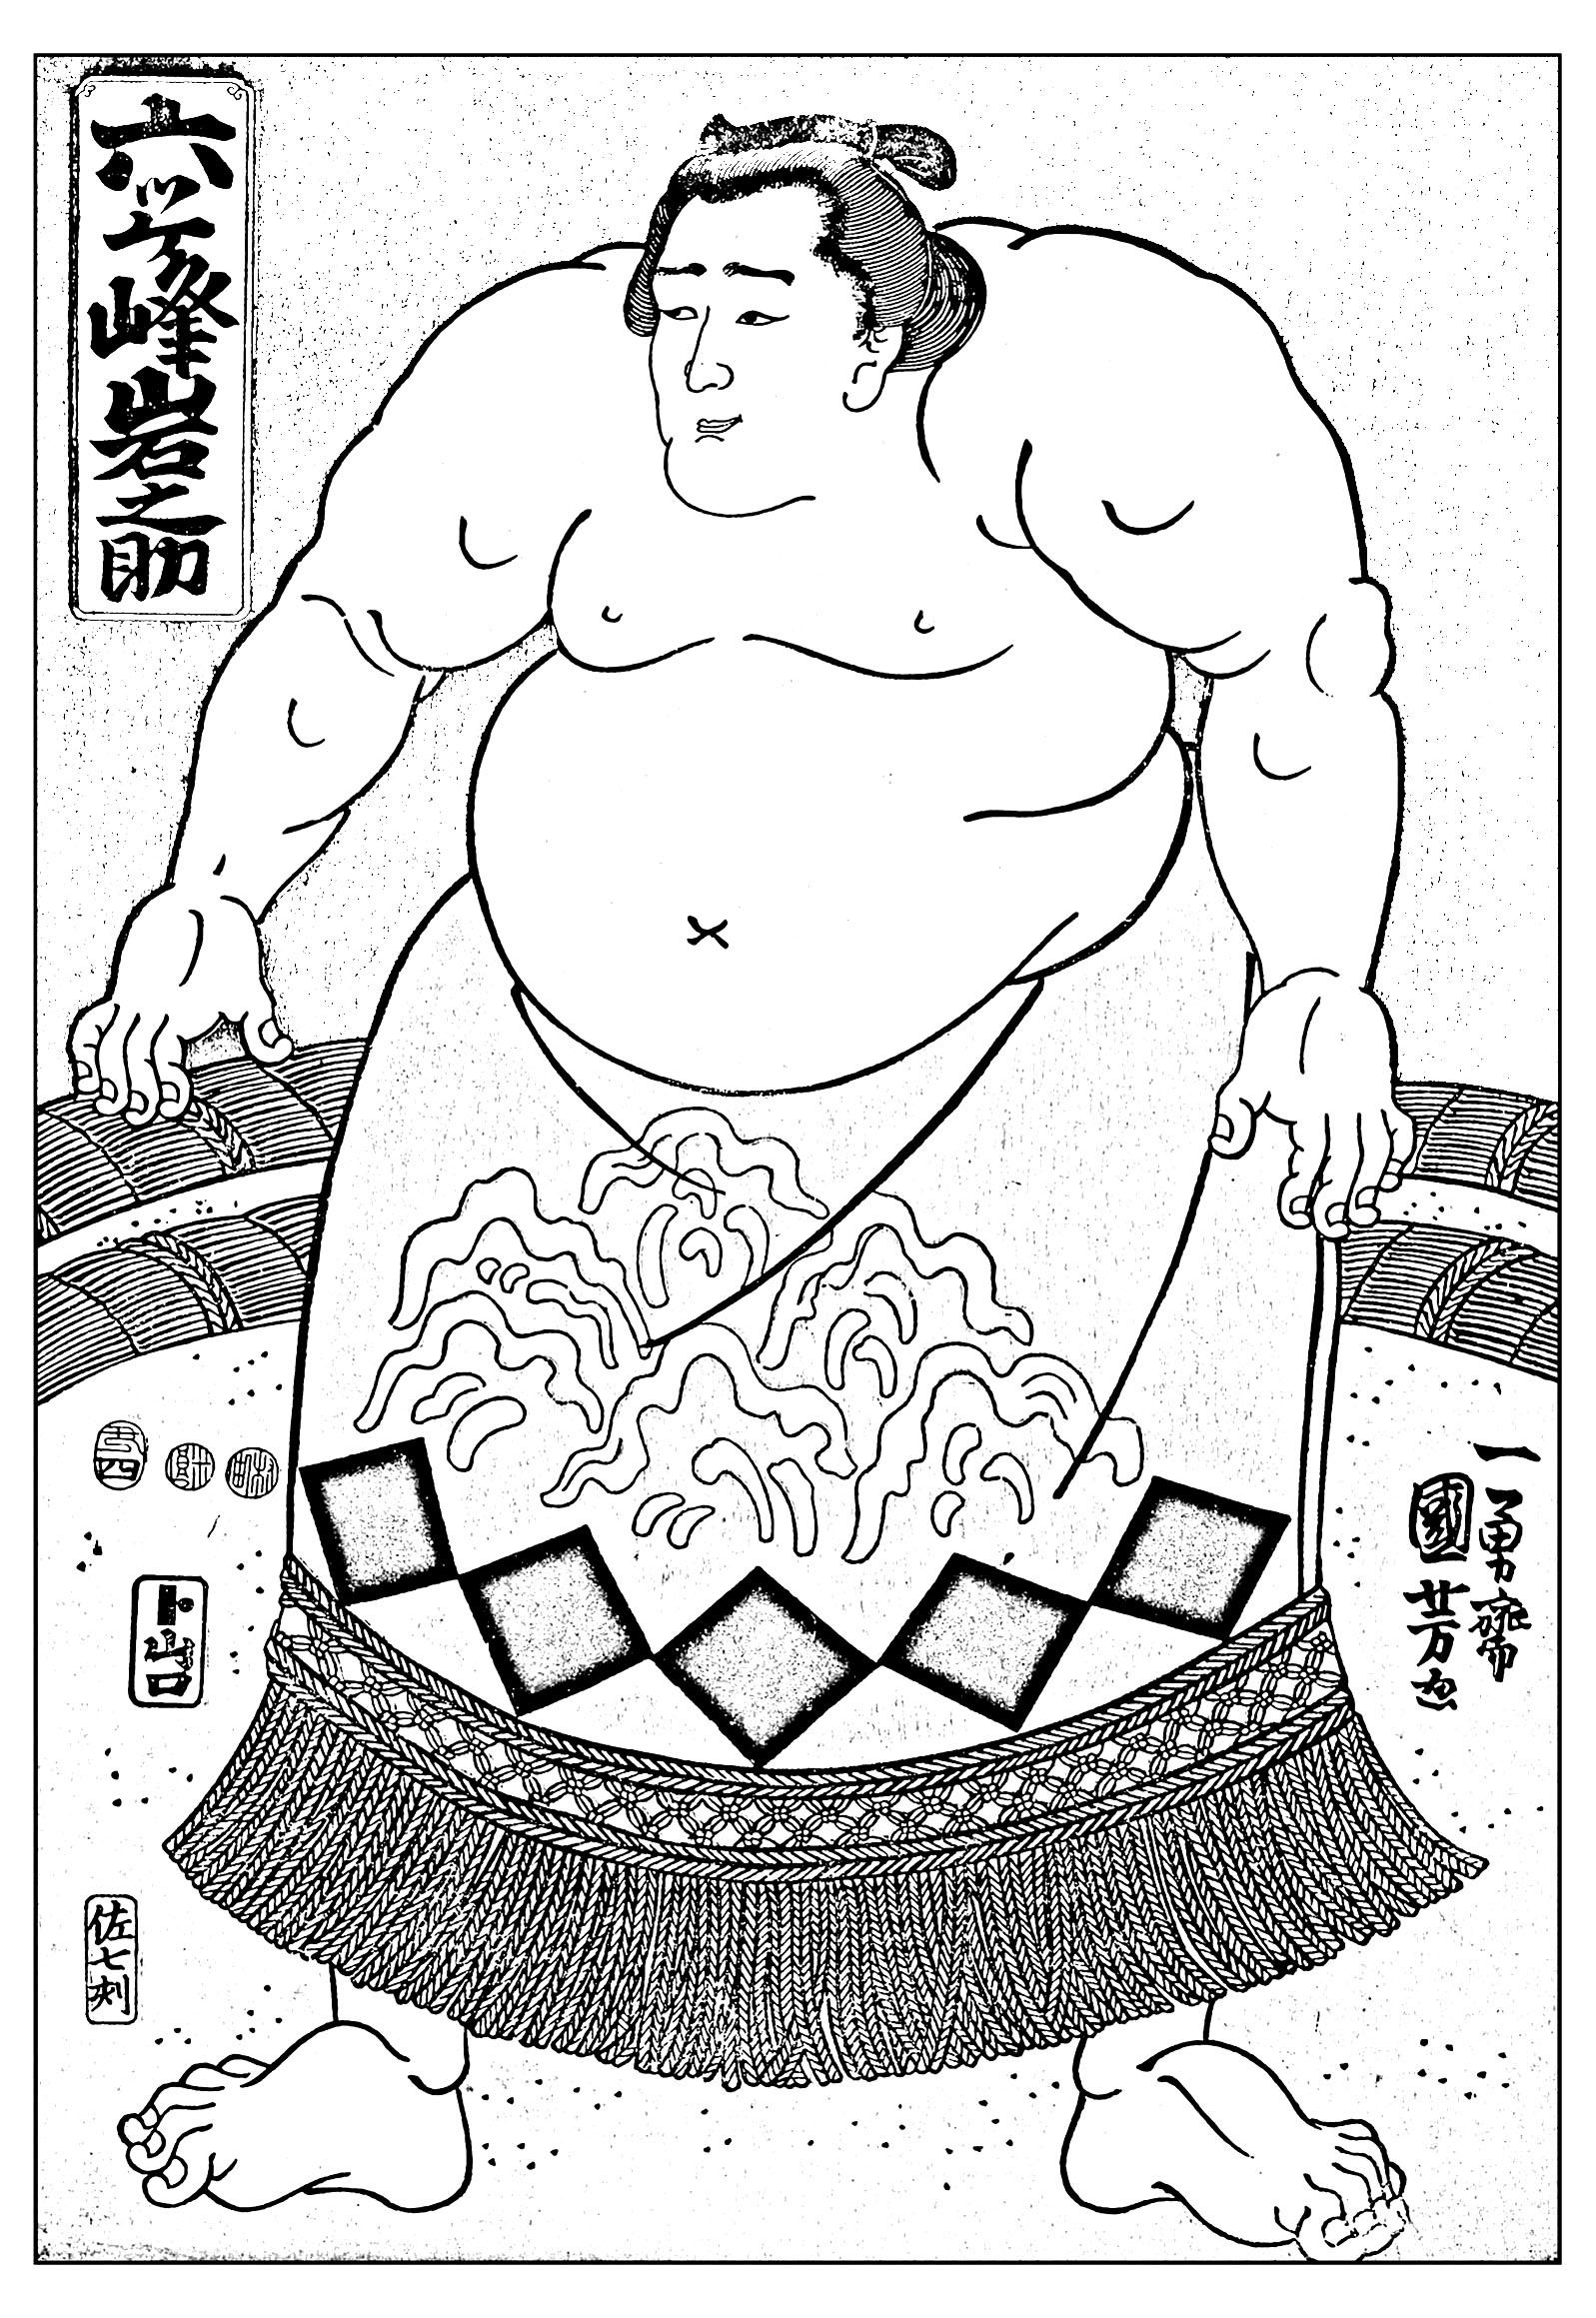 Japan 93836